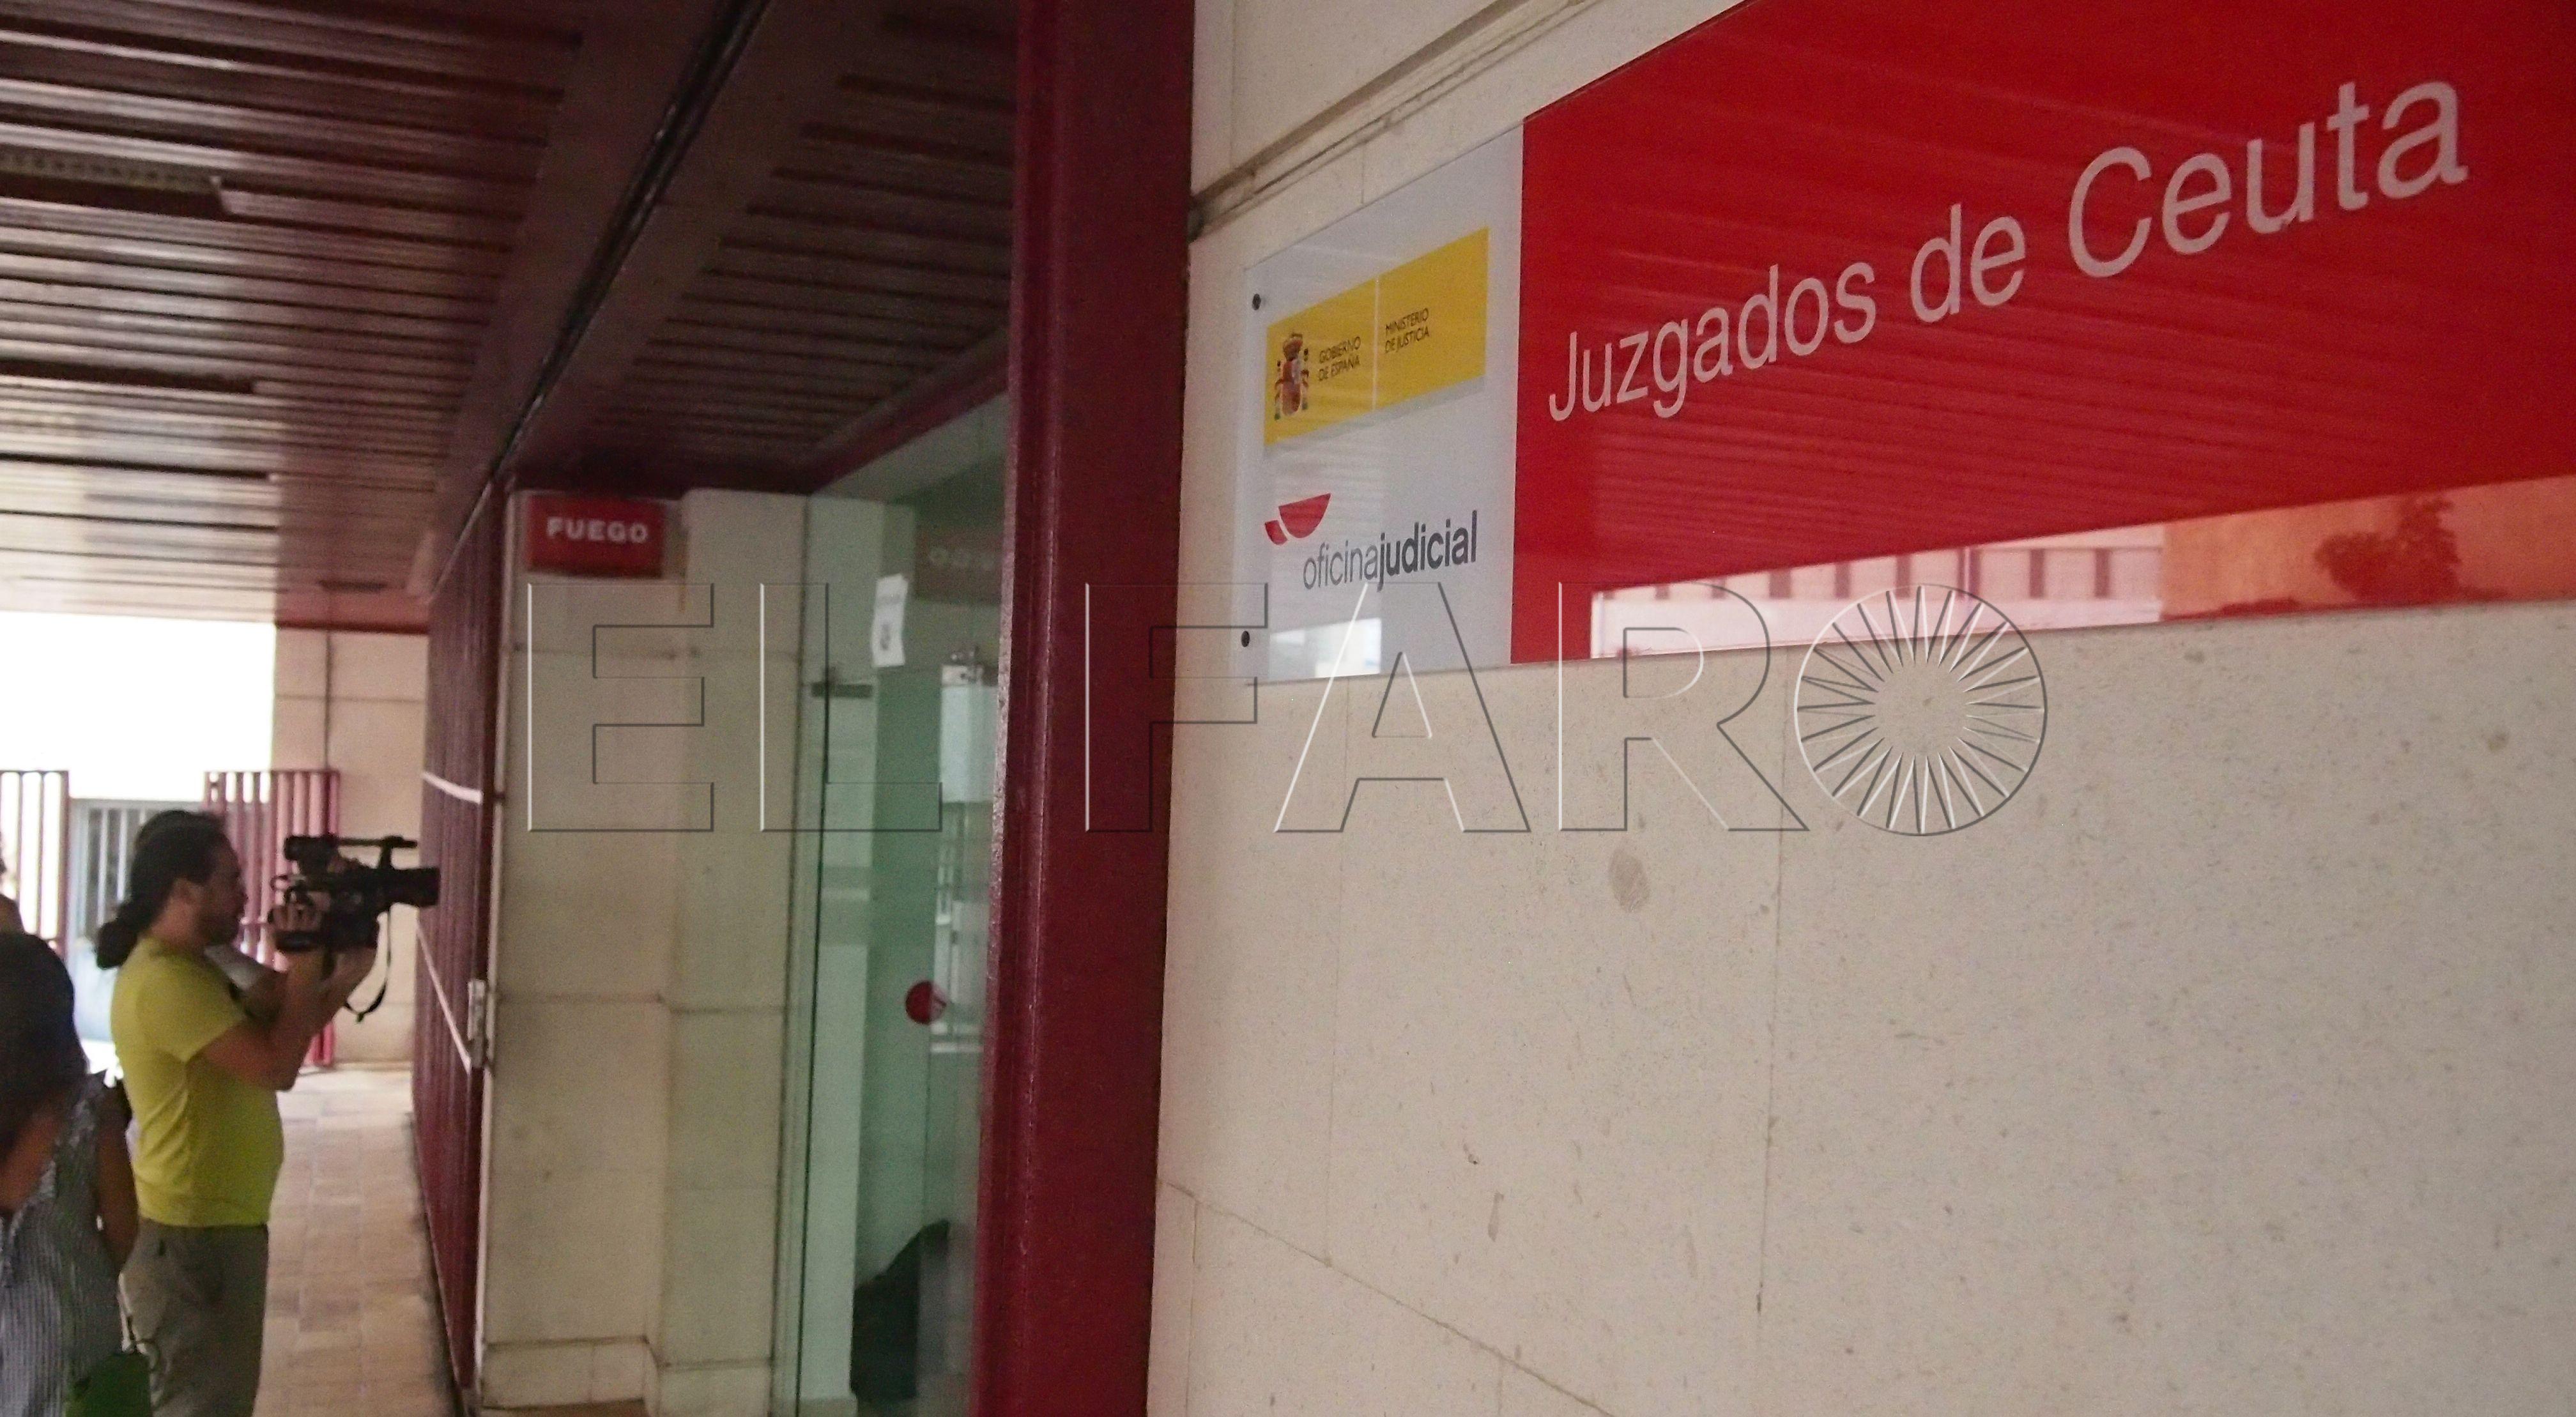 Aumentan las denuncias y órdenes de protección a maltratadas en Ceuta